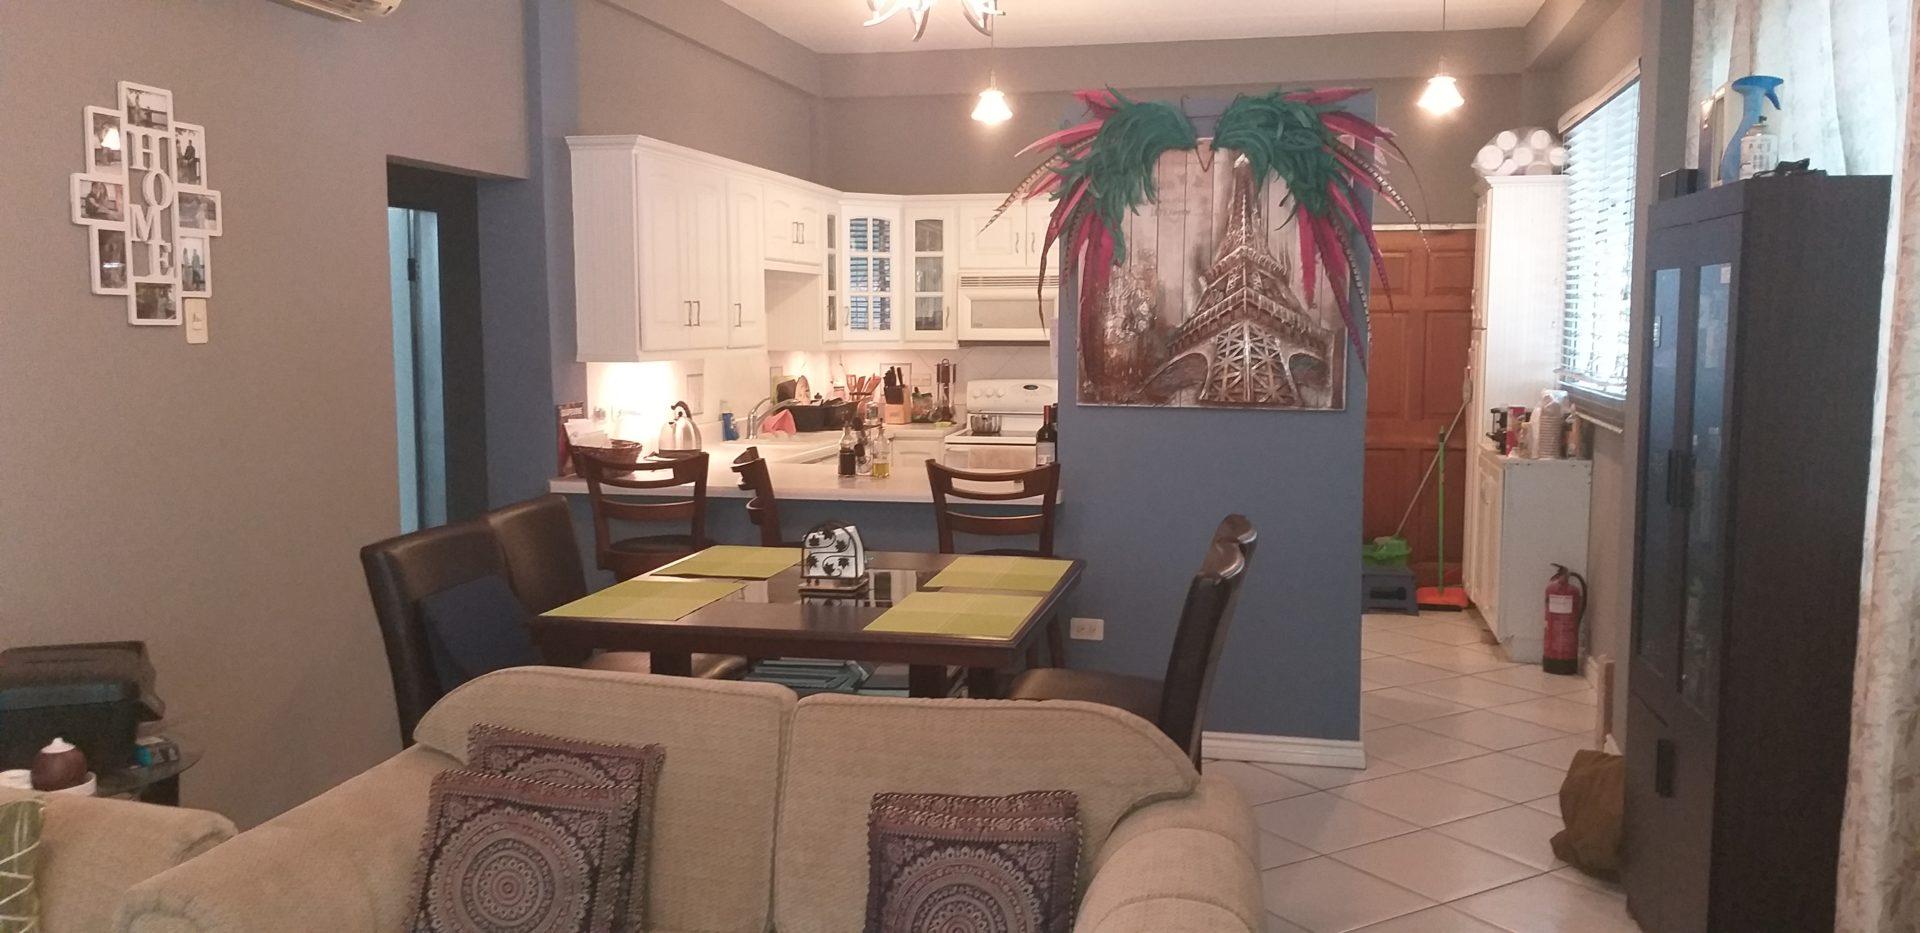 St. Martins Apartment, Queens Park West Savannah – FOR RENT